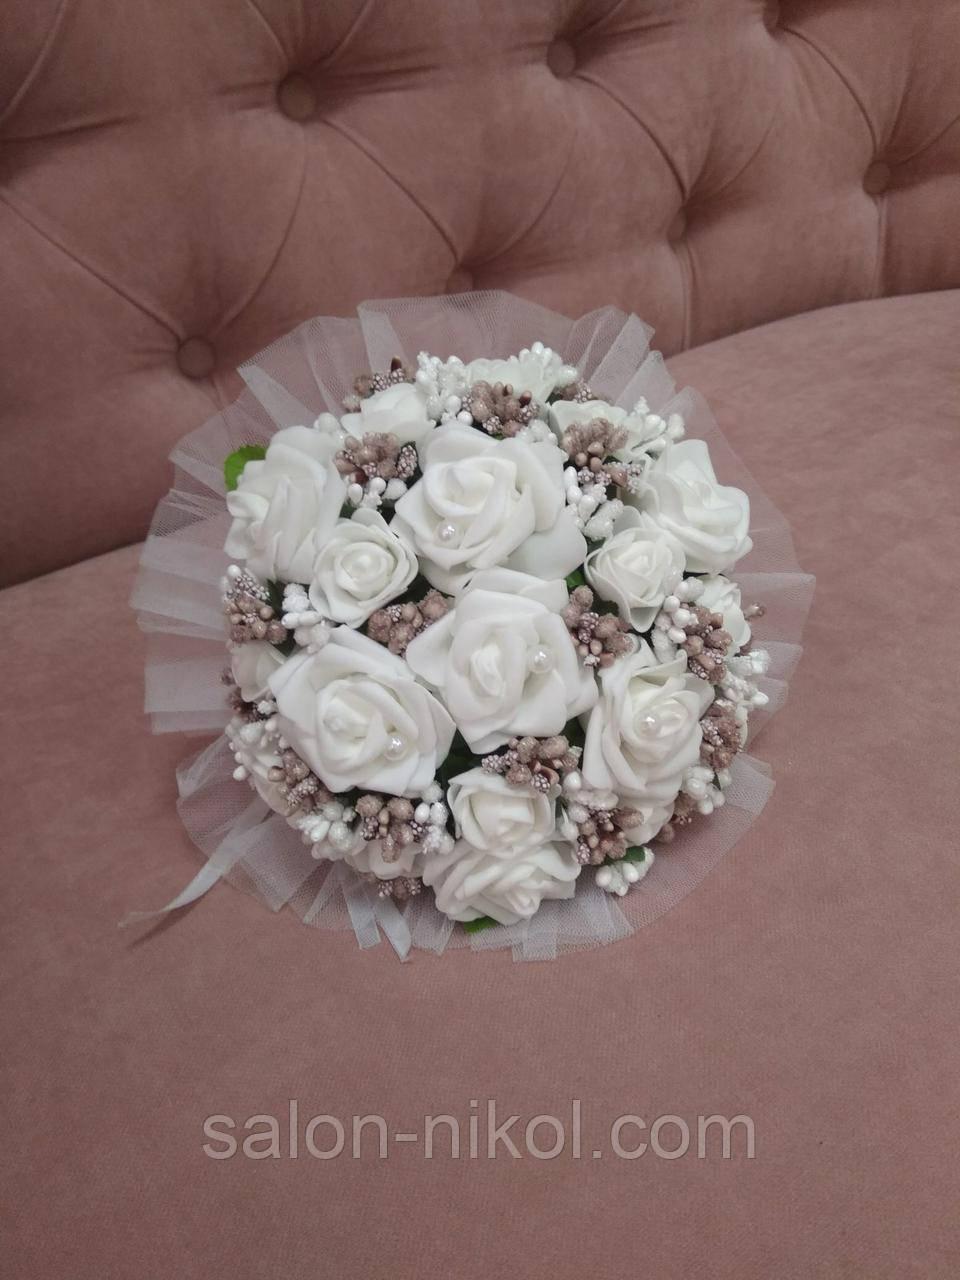 Свадебный букет-дублер для невесты (белого цвета с капучиновыми тычинками)